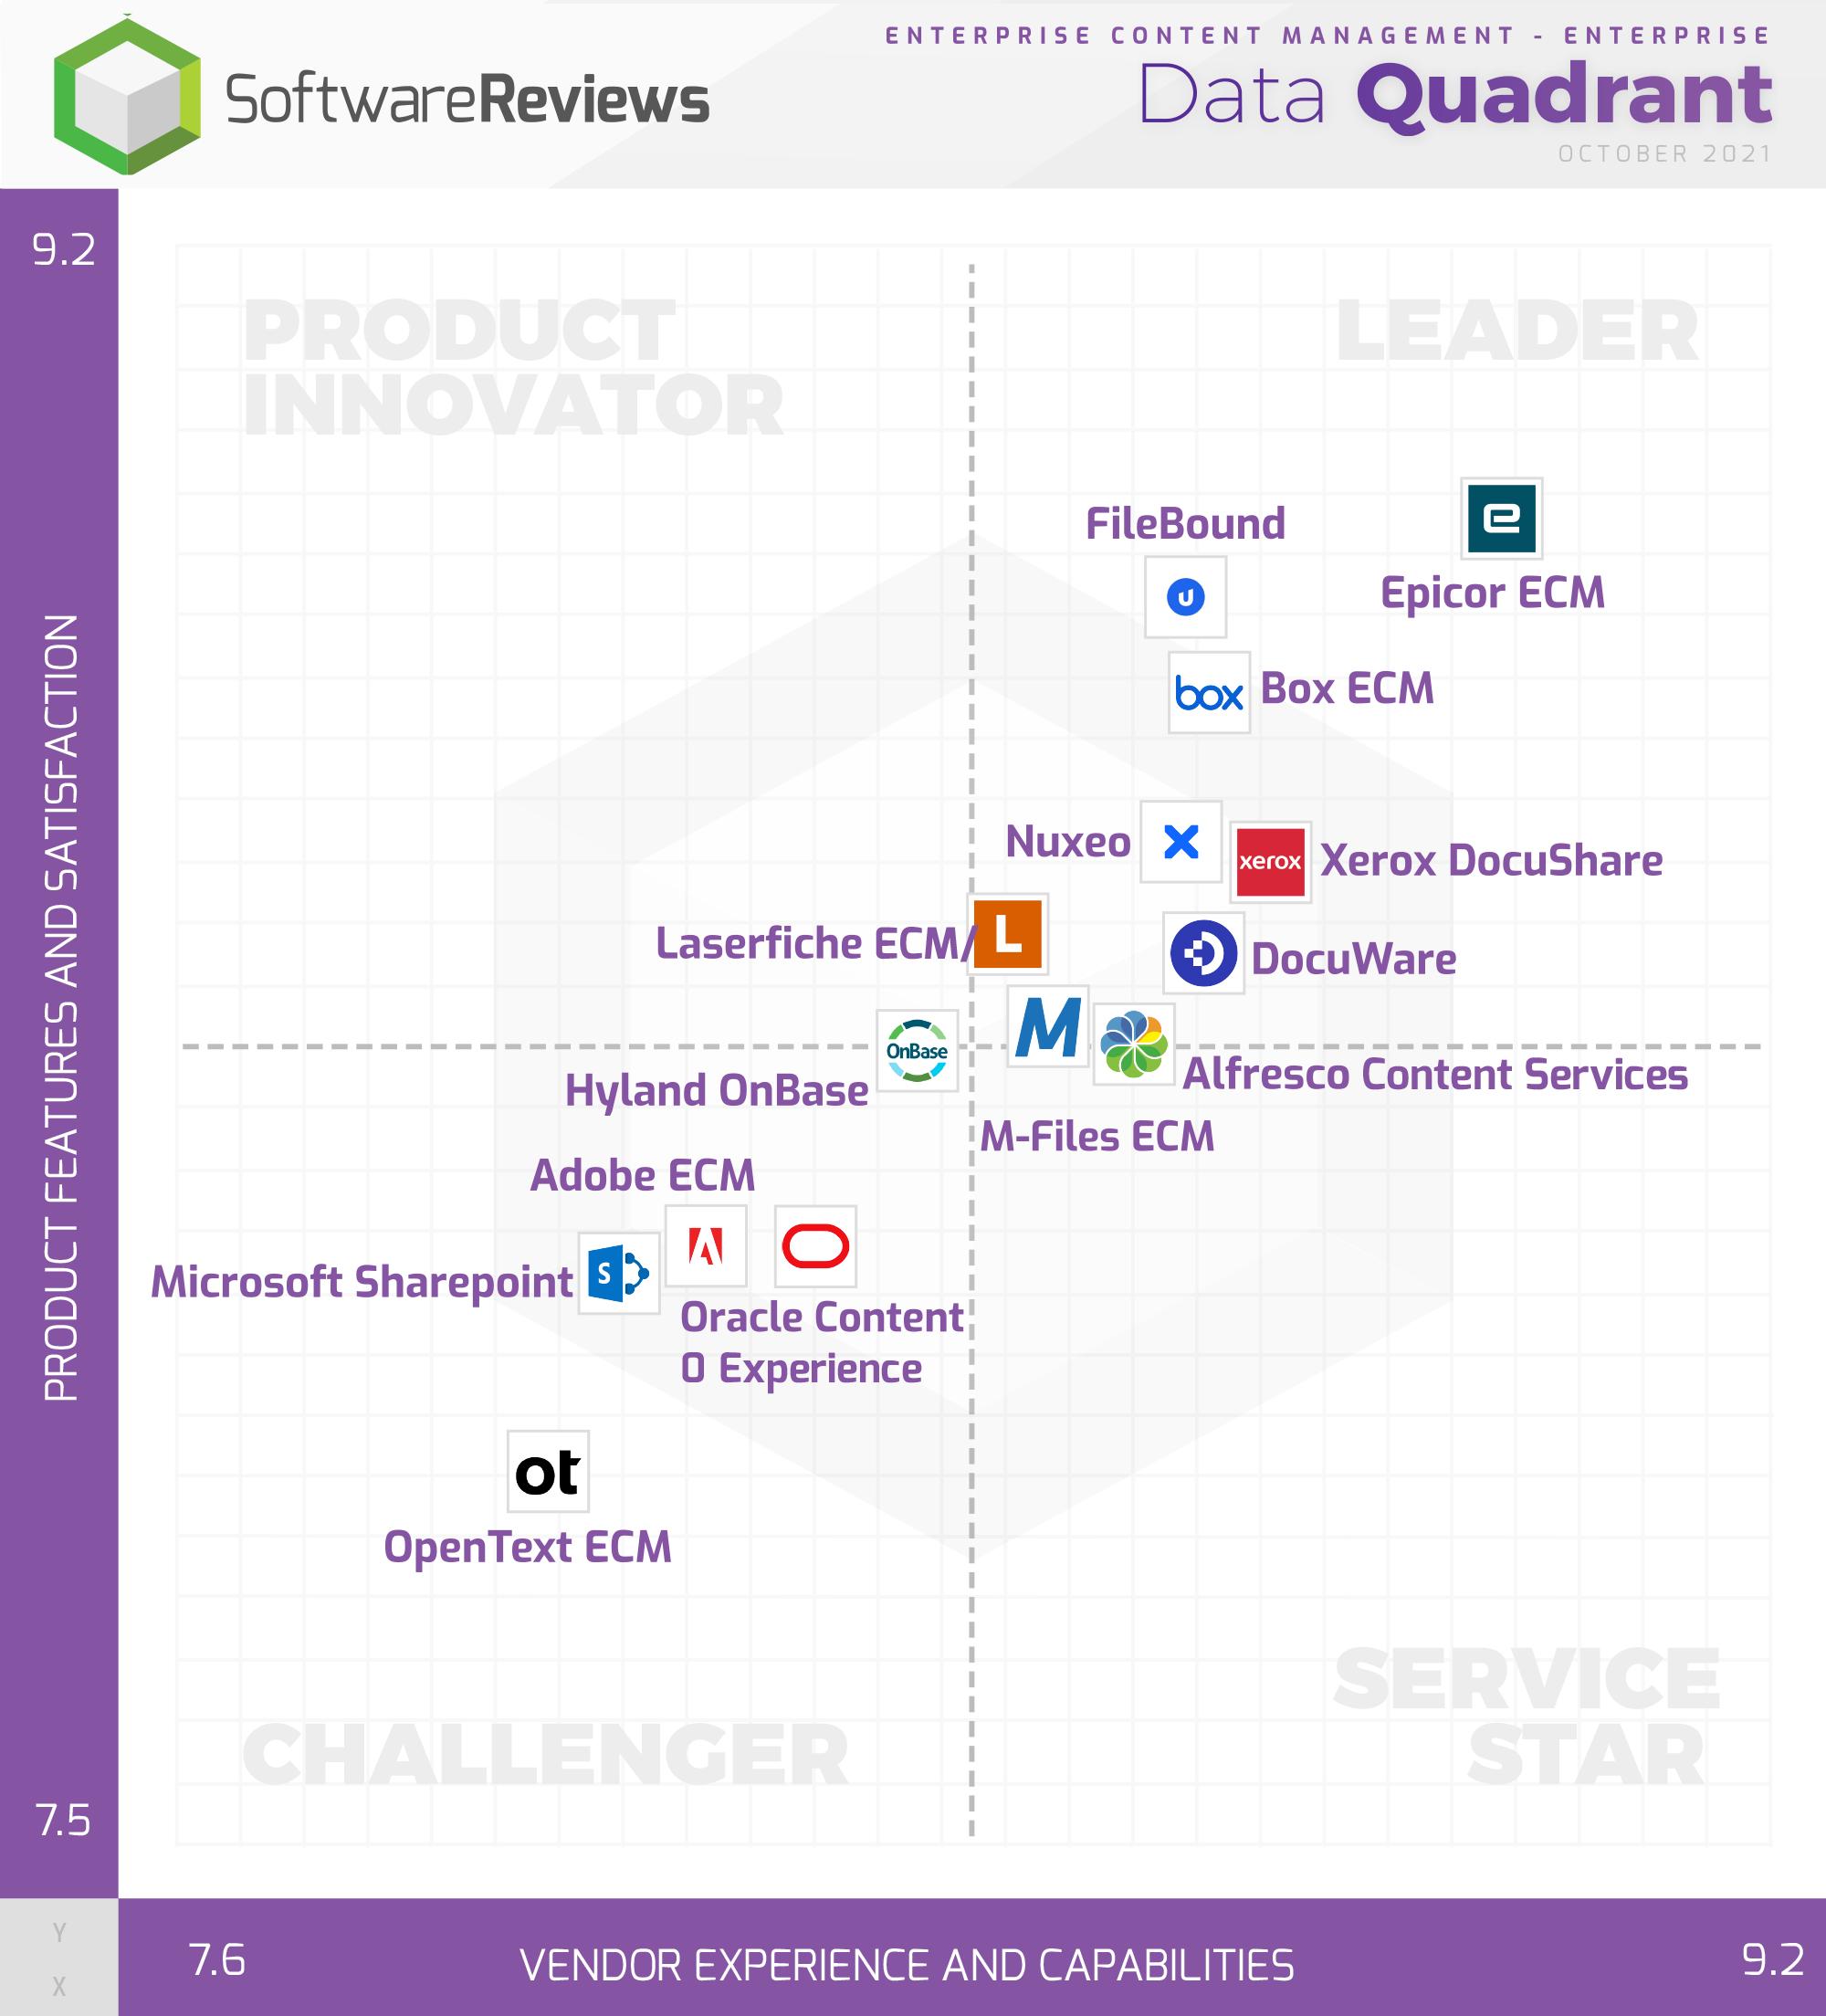 Enterprise Content Management - Enterprise Data Quadrant